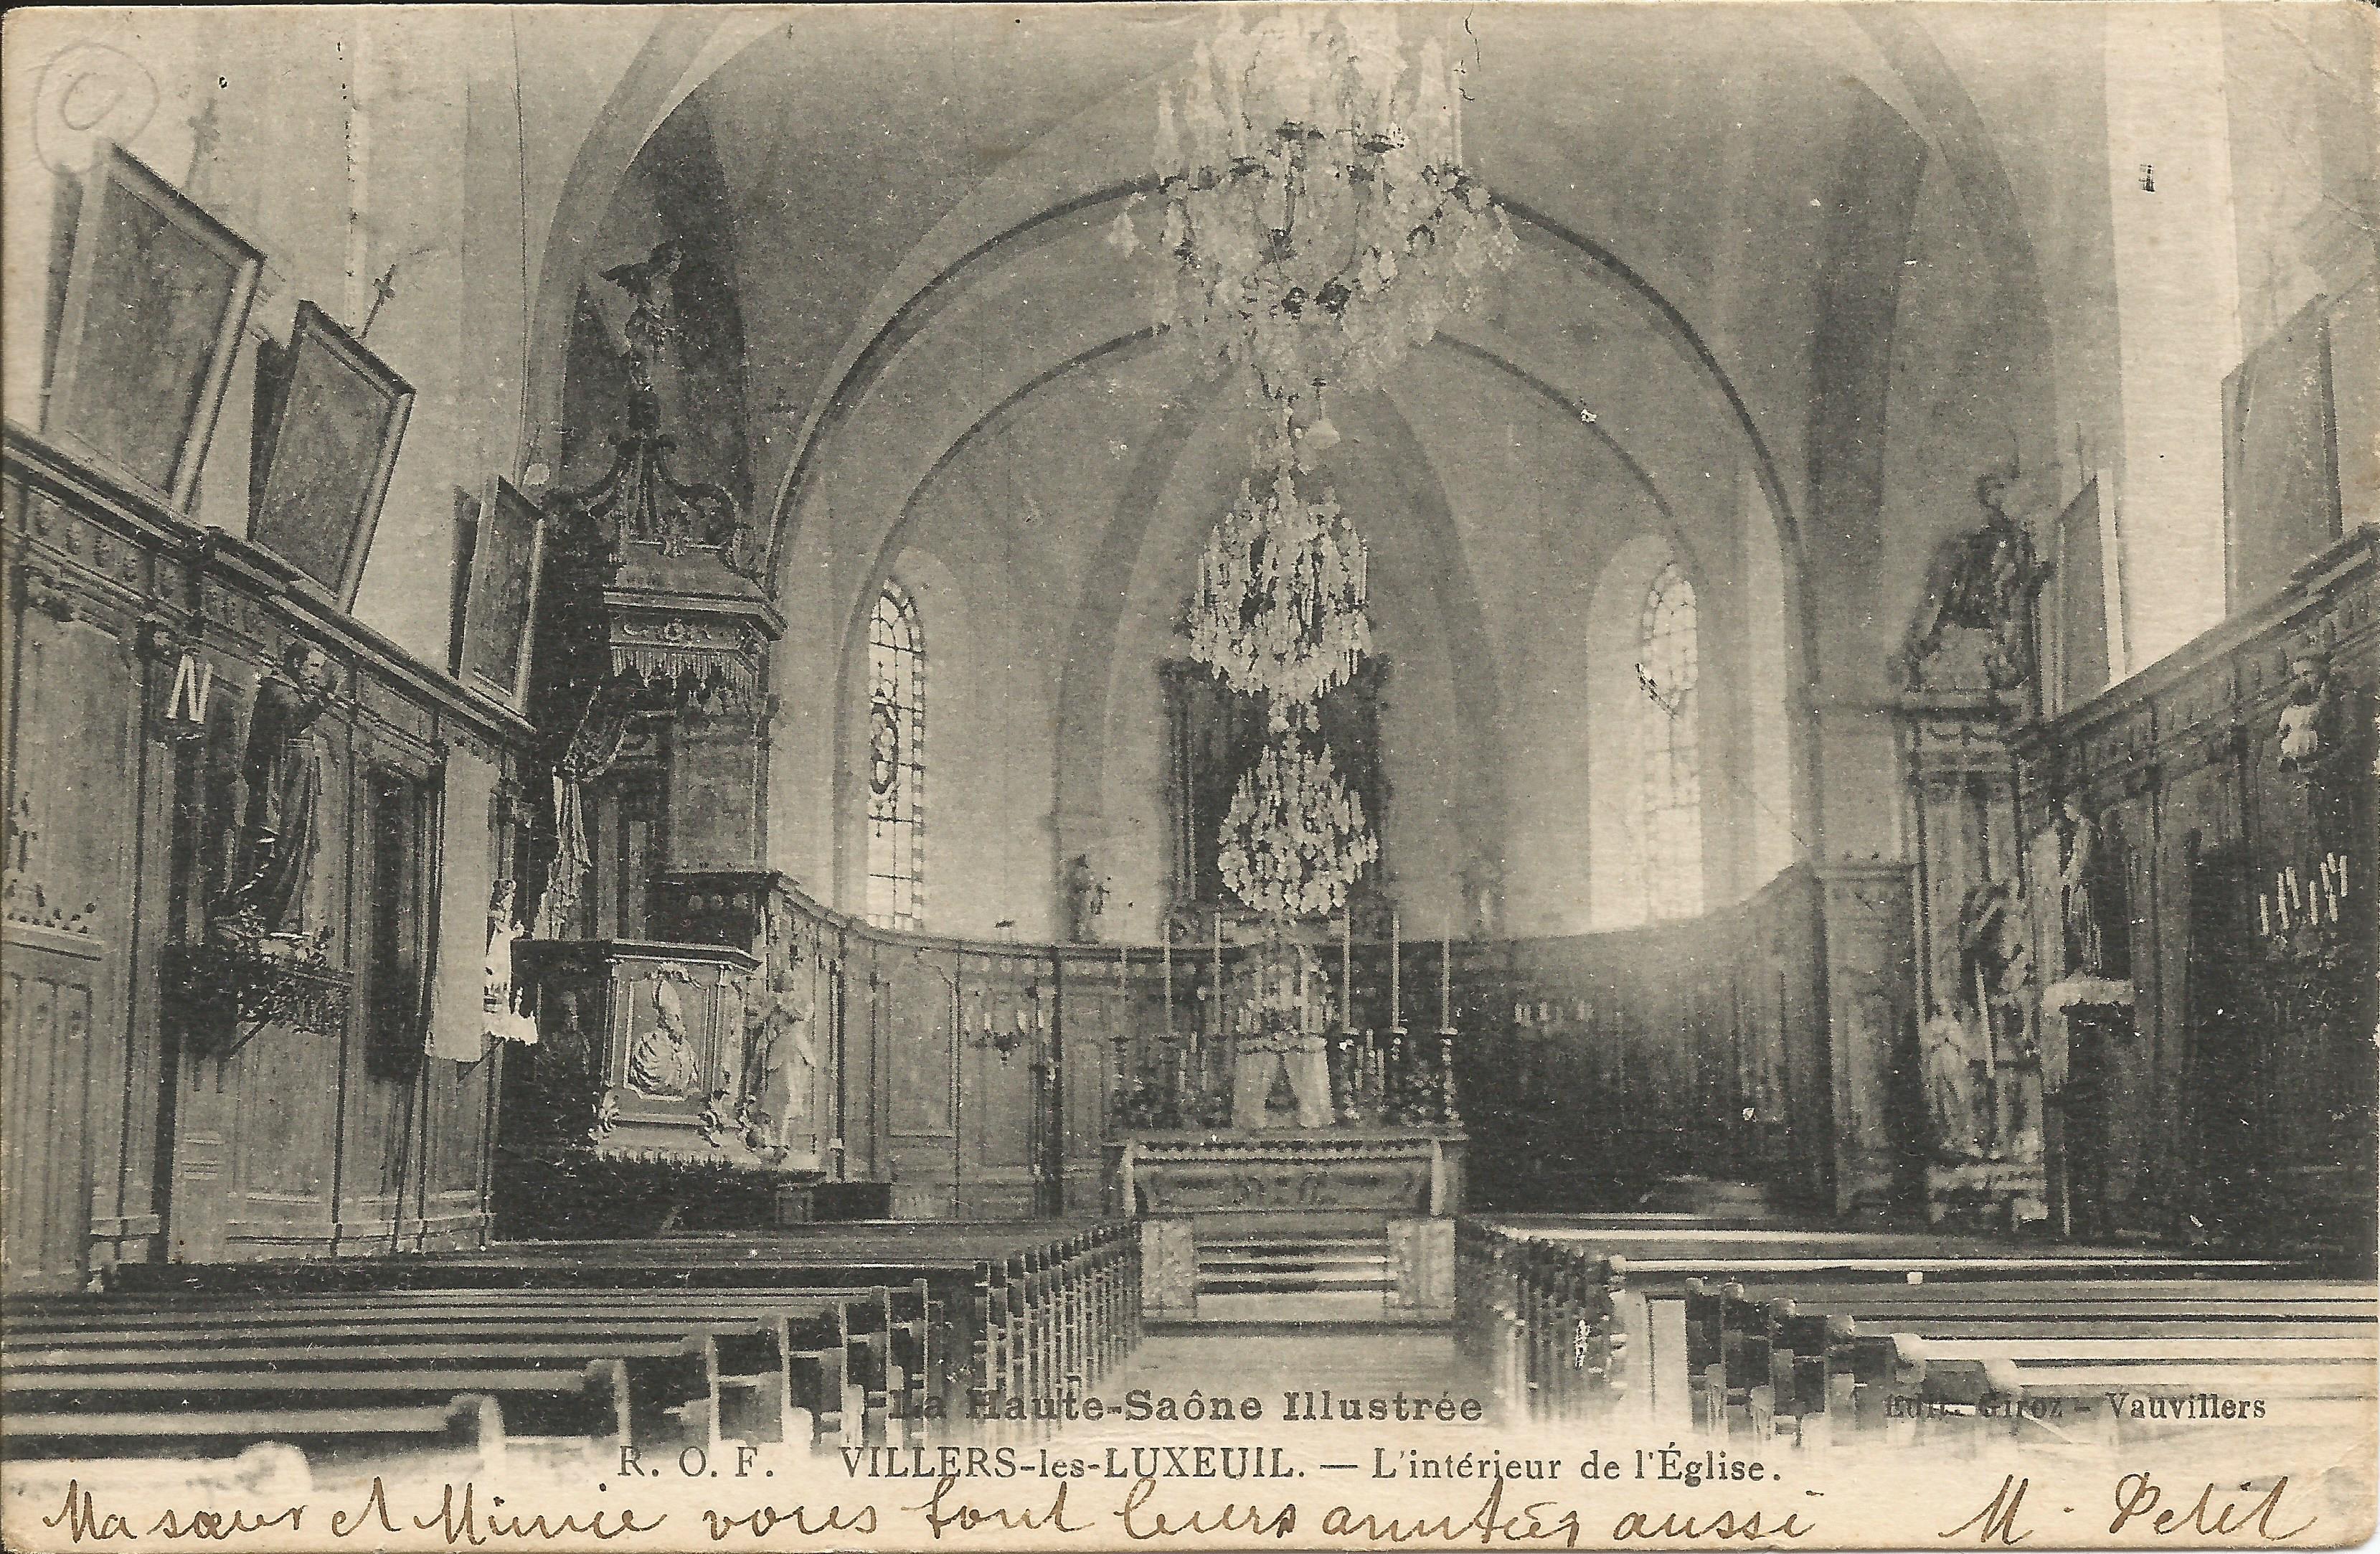 https://www.villers-les-luxeuil.com/projets/villers/files/images/Cartes_postales/EgliseInt_2015/LEglise_4.jpg